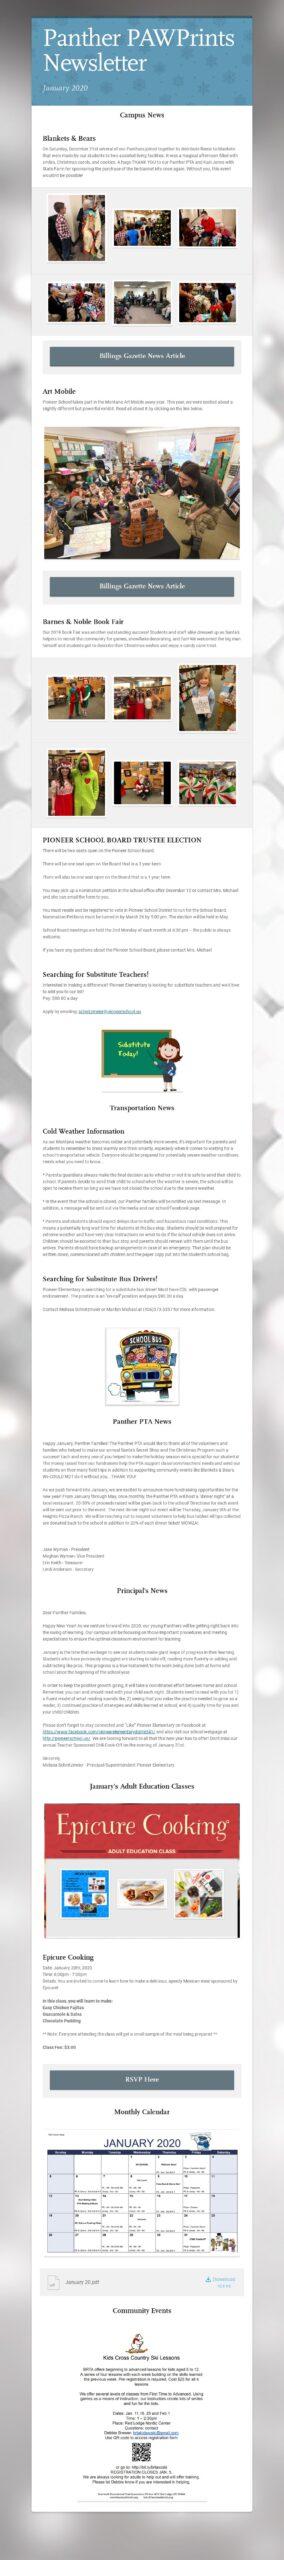 Jan 20 Newsletter